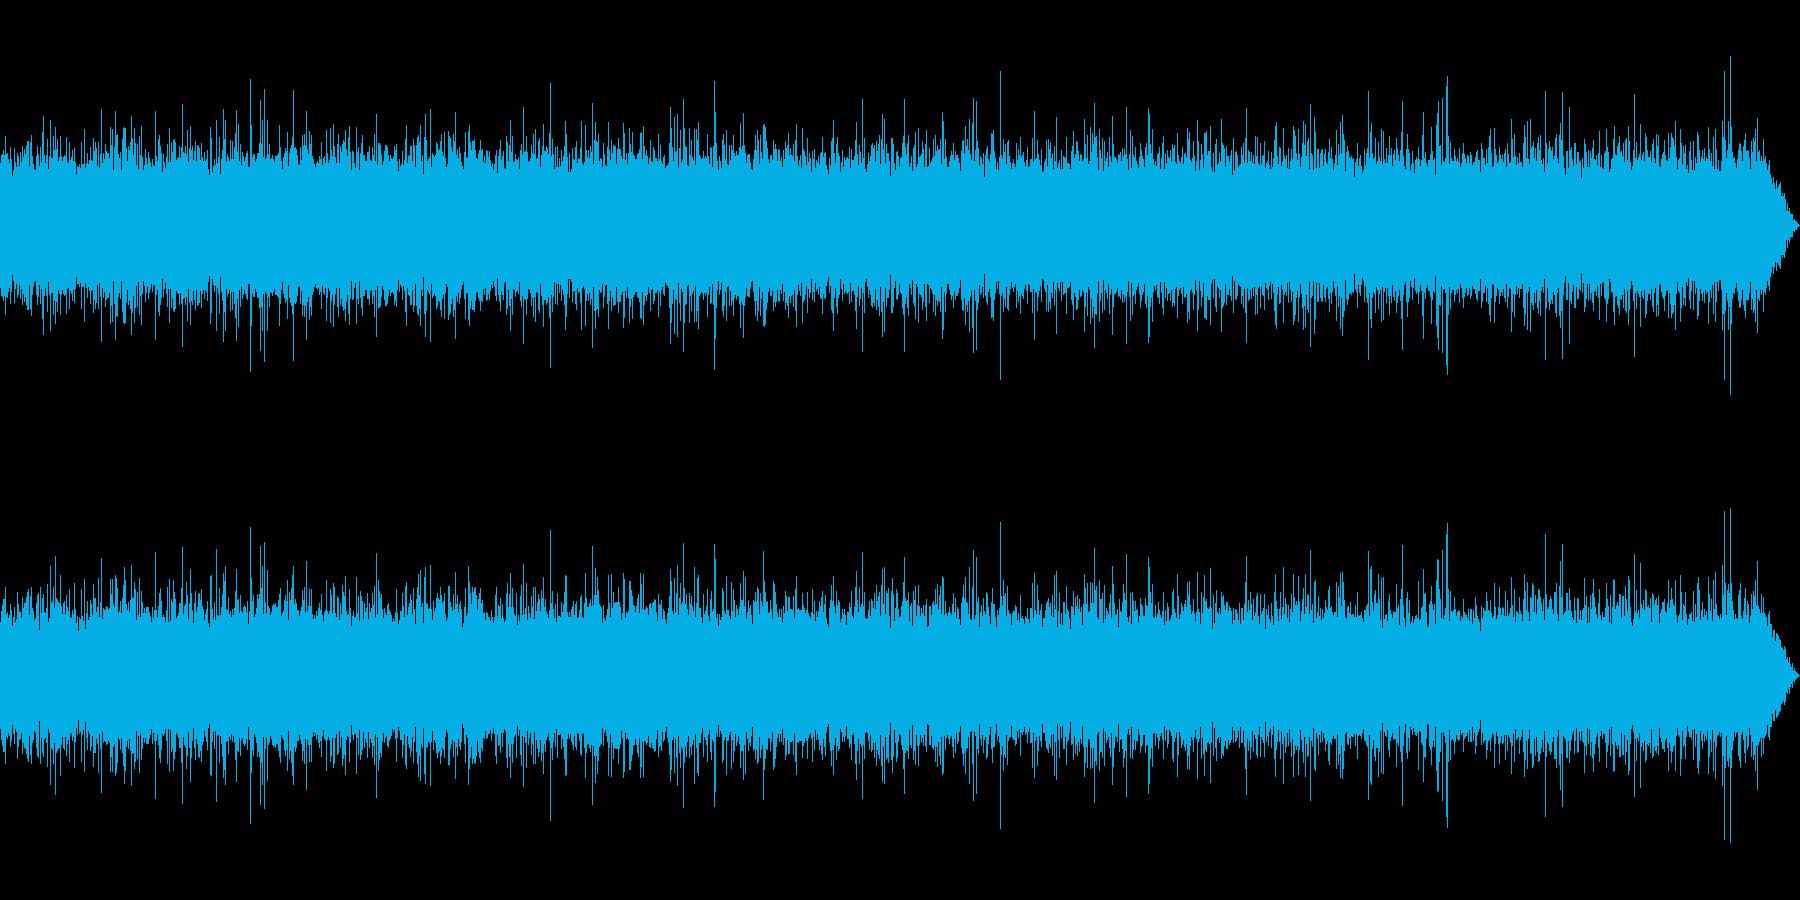 [生録音]渓流、河川の流れる音01-1の再生済みの波形